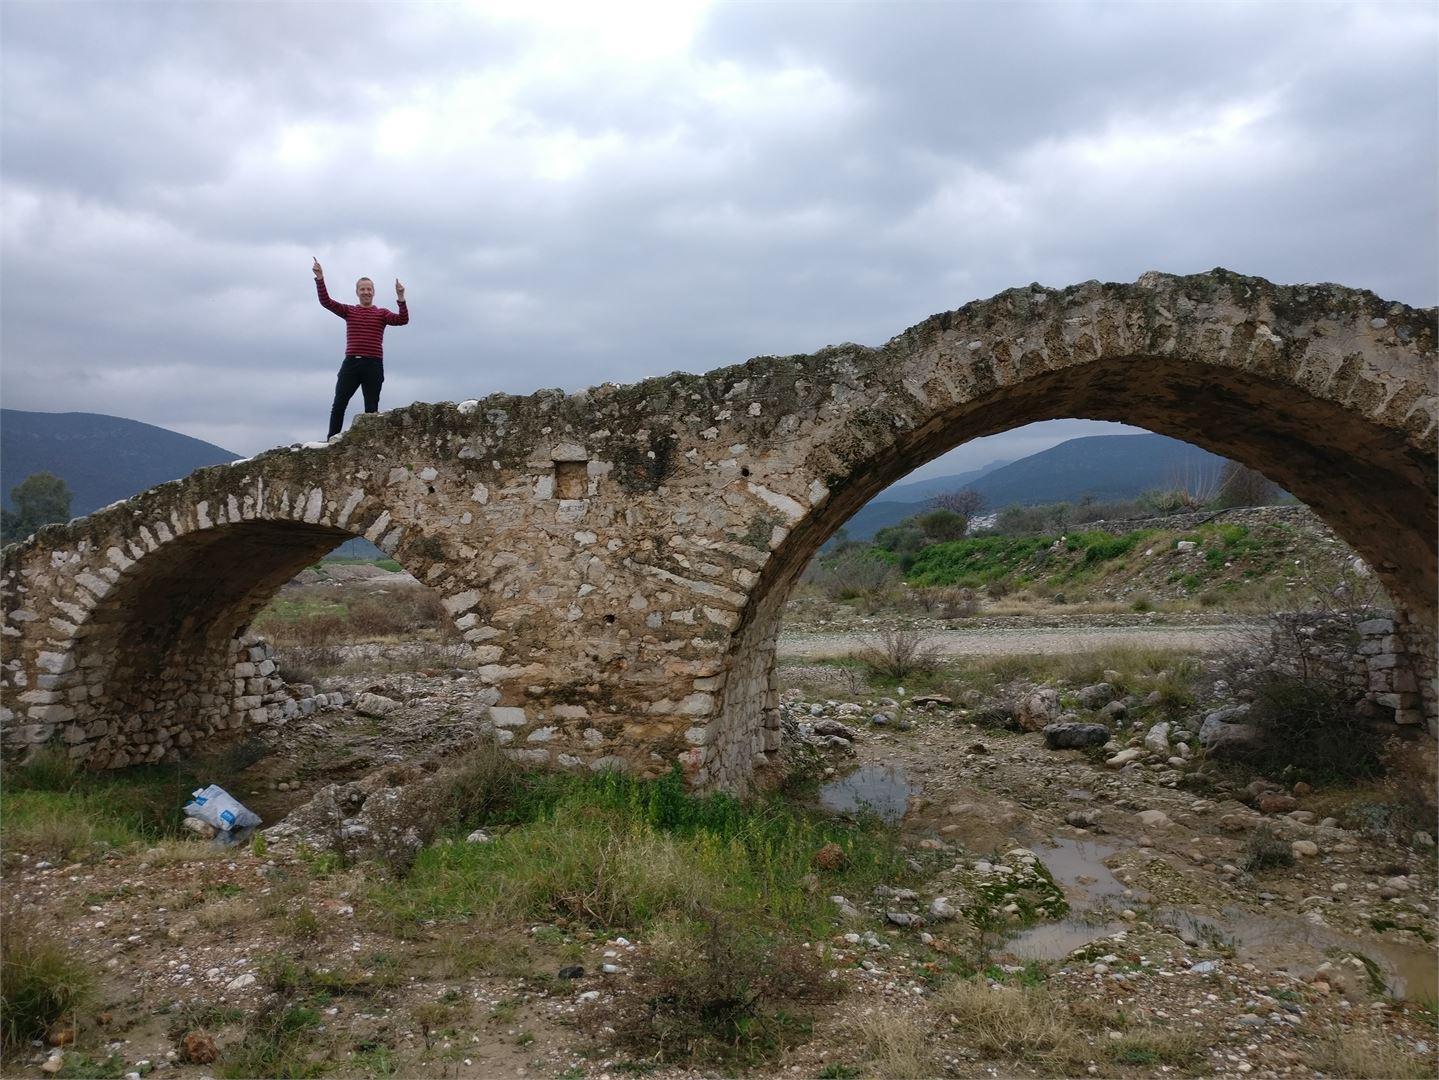 Pariskunta ei käytä moottoriteitä, joten tanssiminen vanhalla sillalla keskellä Kreikan maaseutua onnistuu vaivatta.